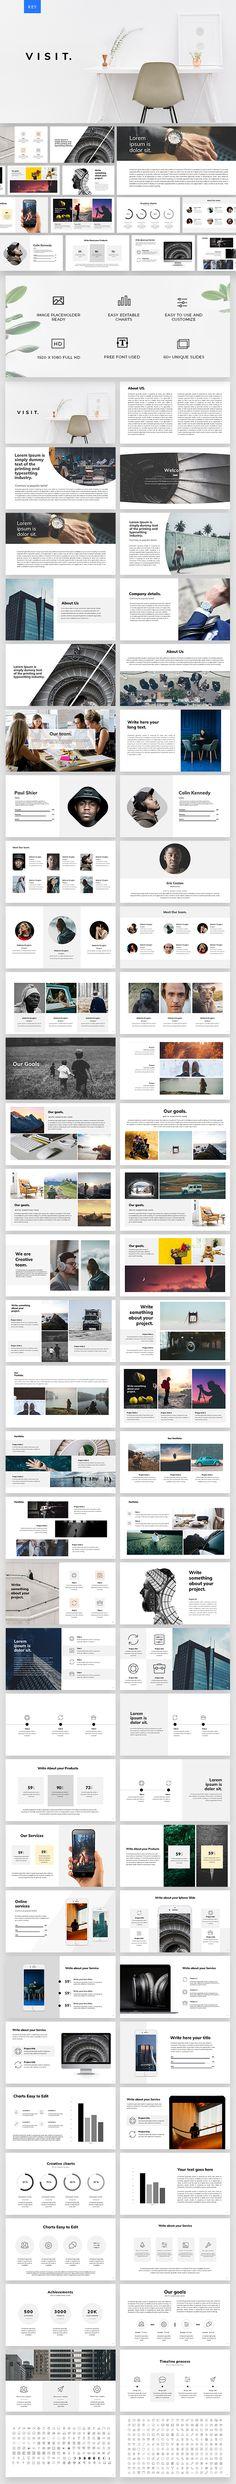 110 Best Presentation Images On Pinterest Keynote Template